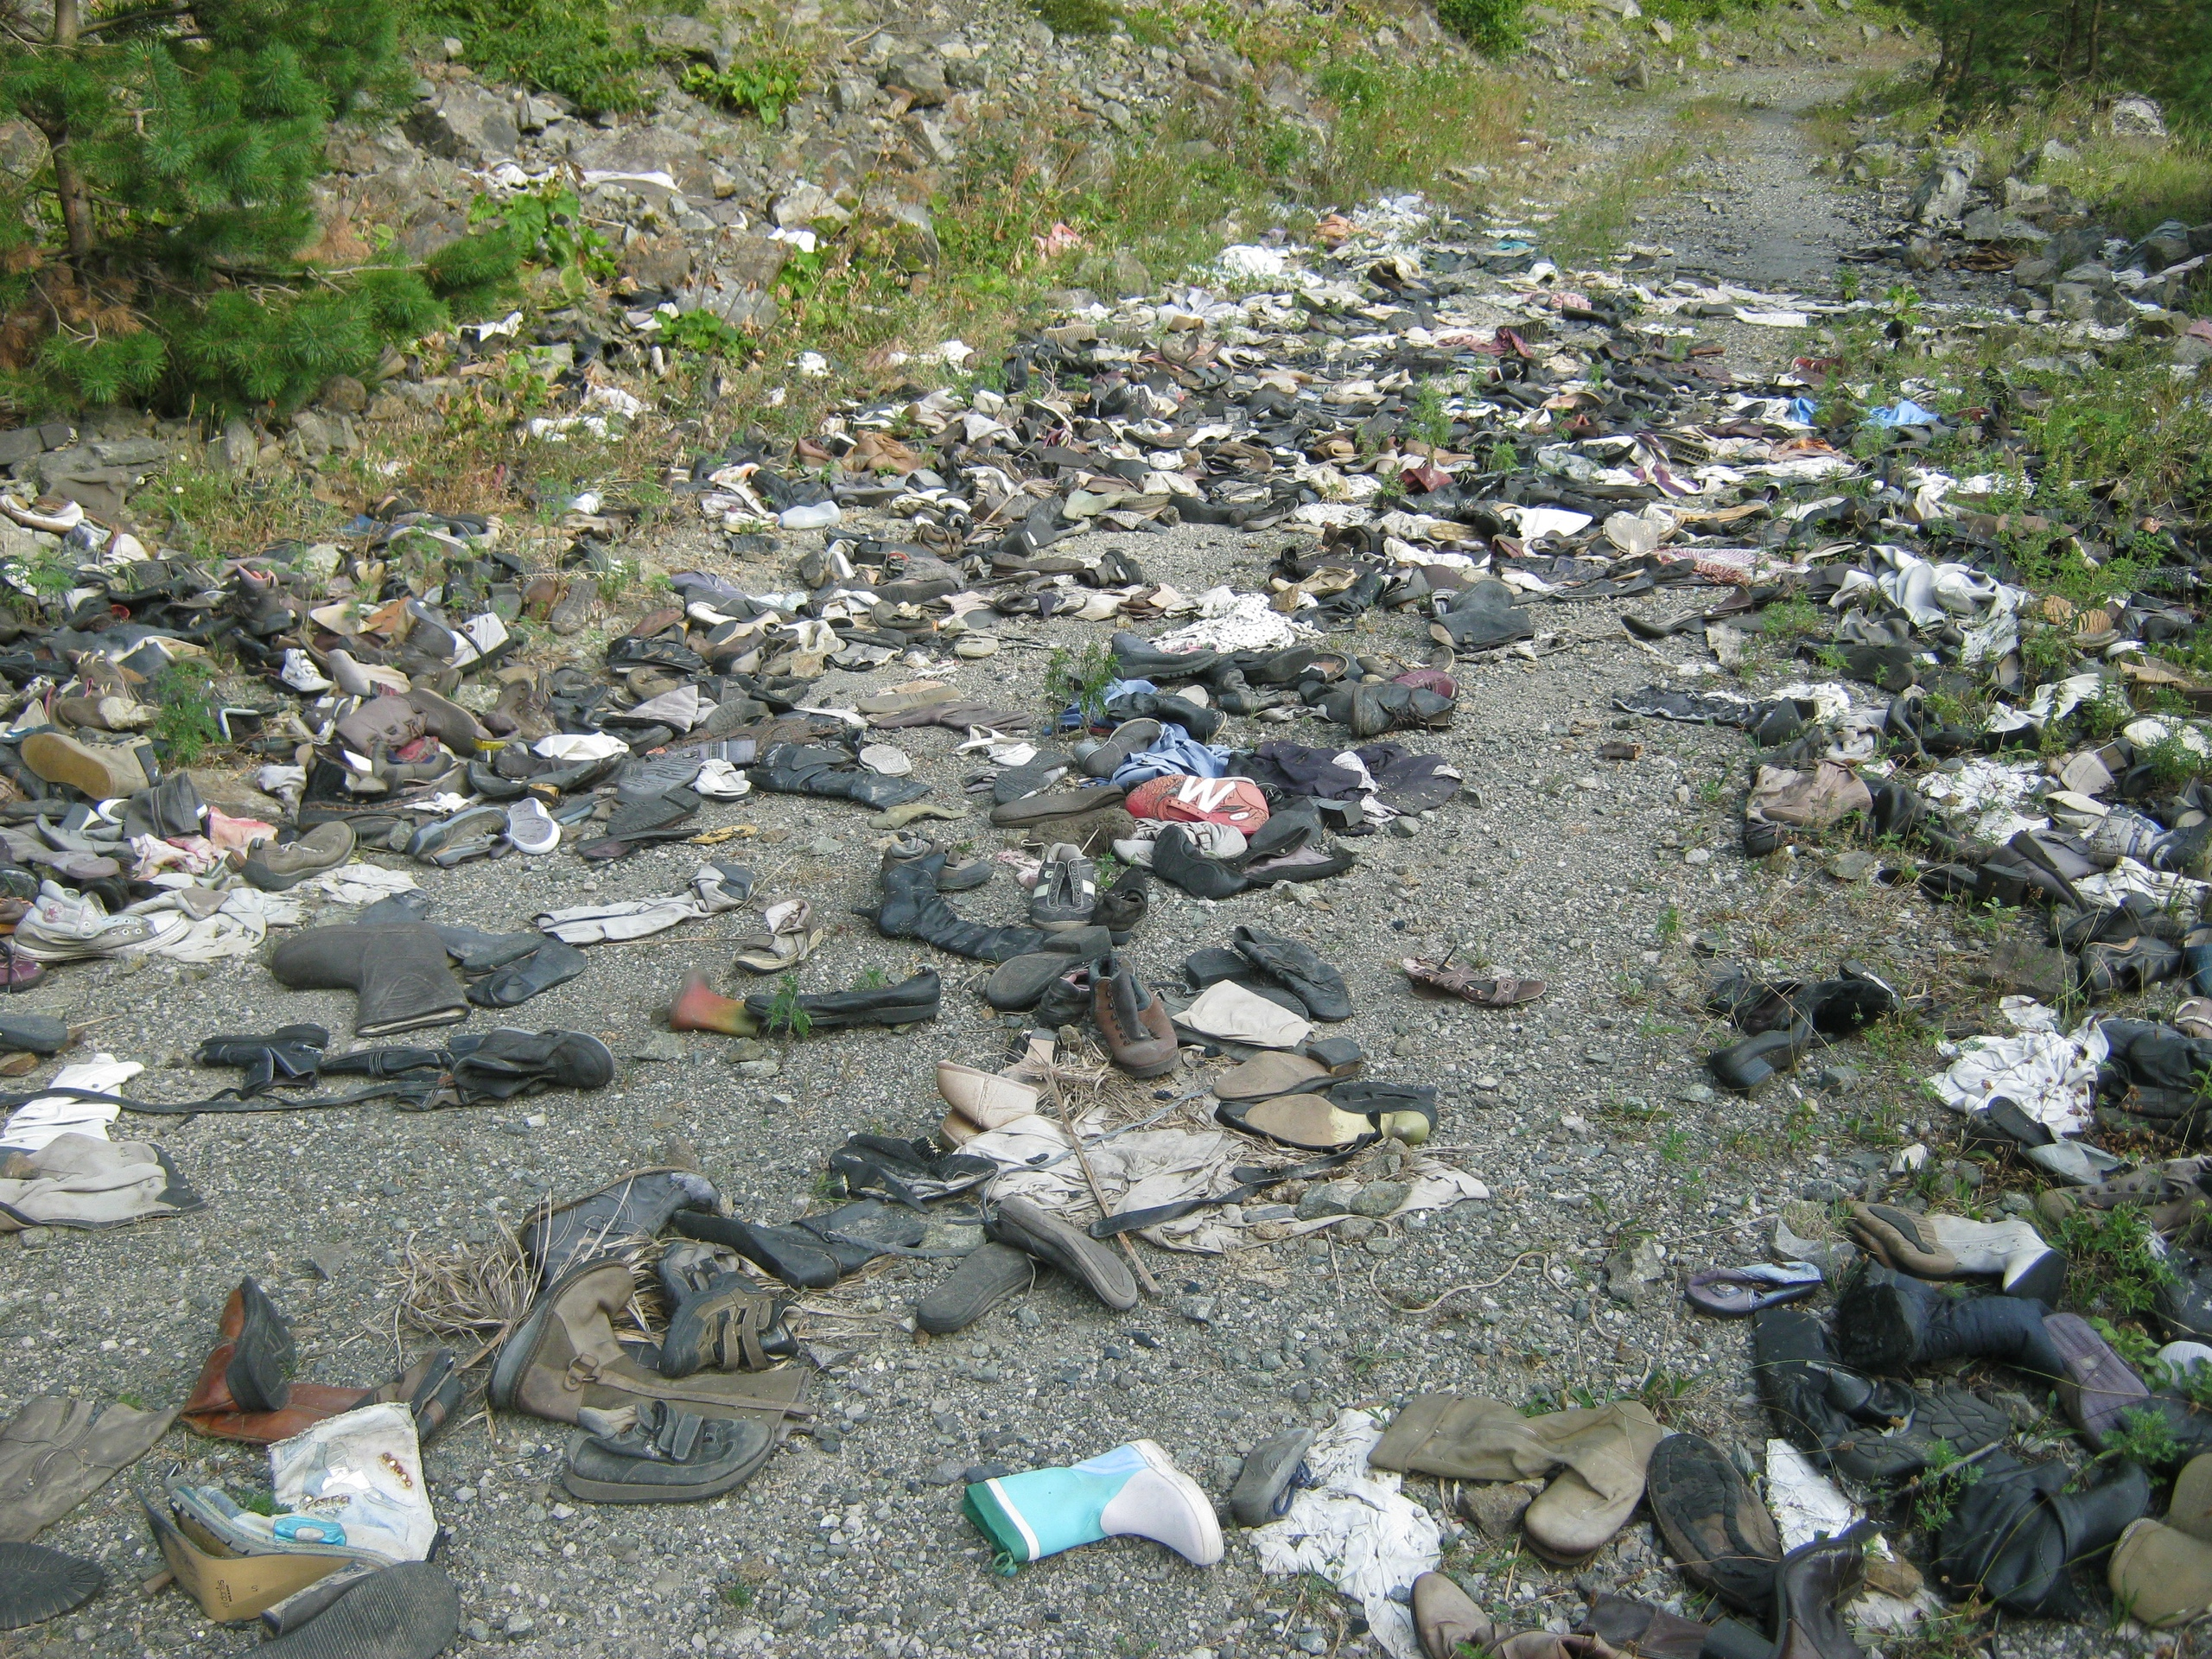 Кладбище обуви, годной для эксплуатации